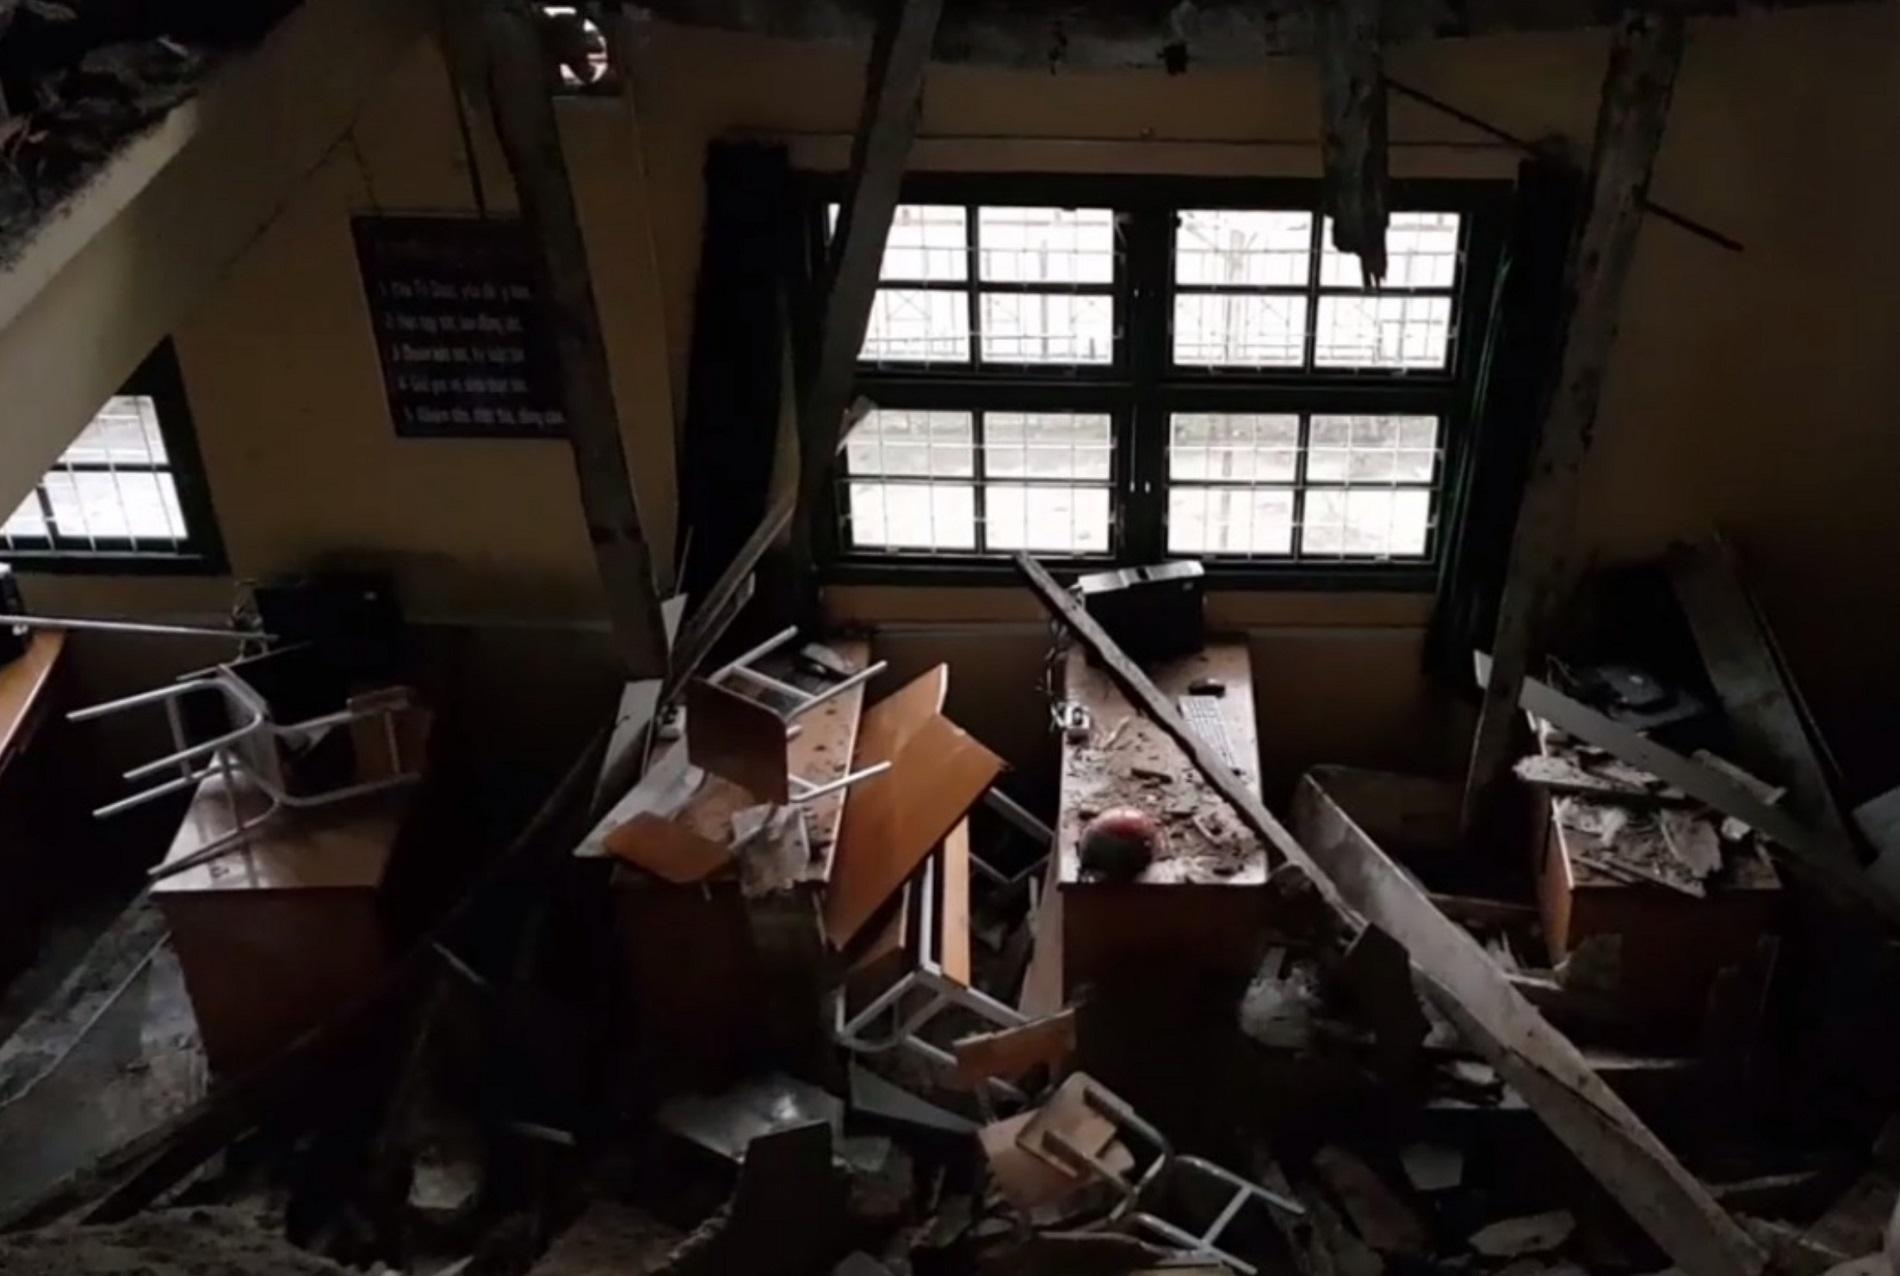 Sập sàn lớp học, 10 học sinh rơi từ tầng 2 xuống tầng 1